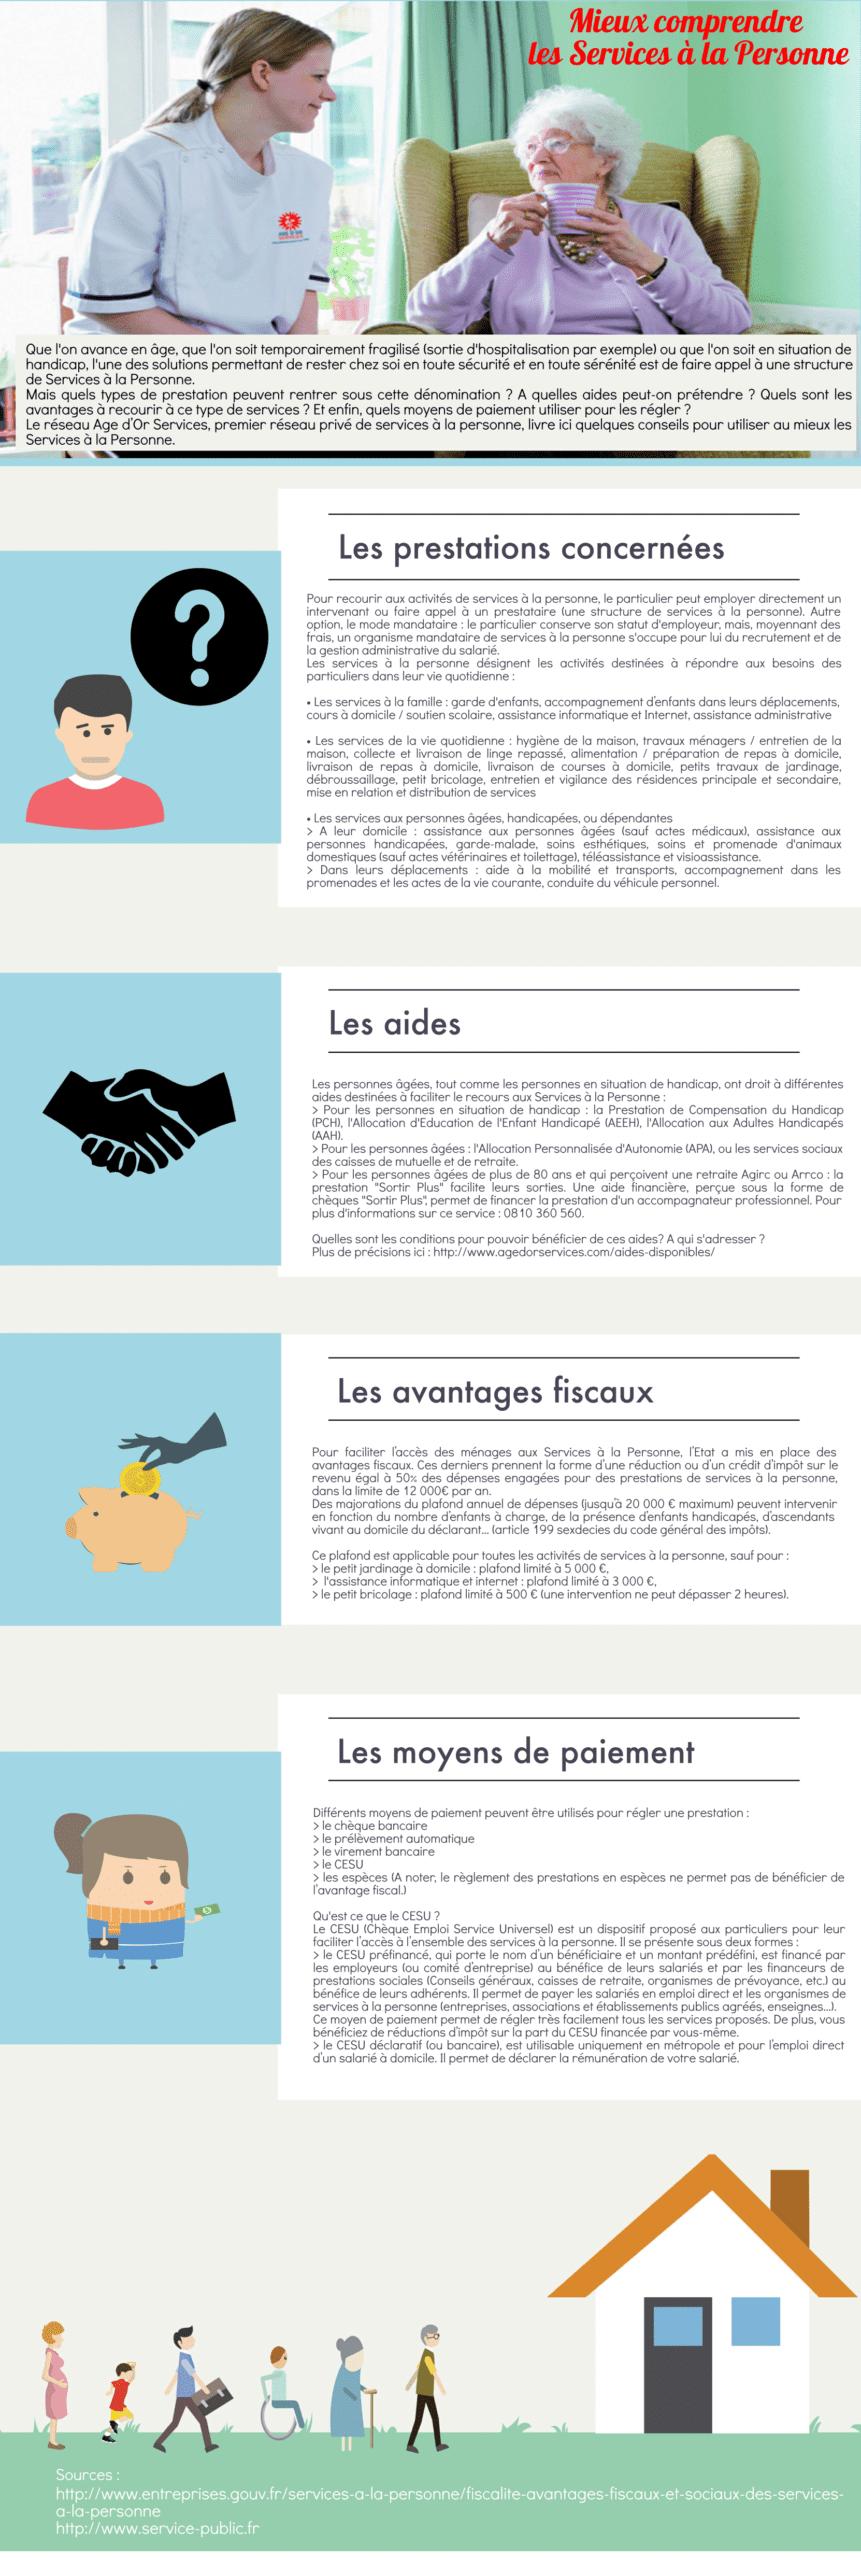 Age d'Or Services - Infographie_Comprendre-les-SAP_AOS2016-1